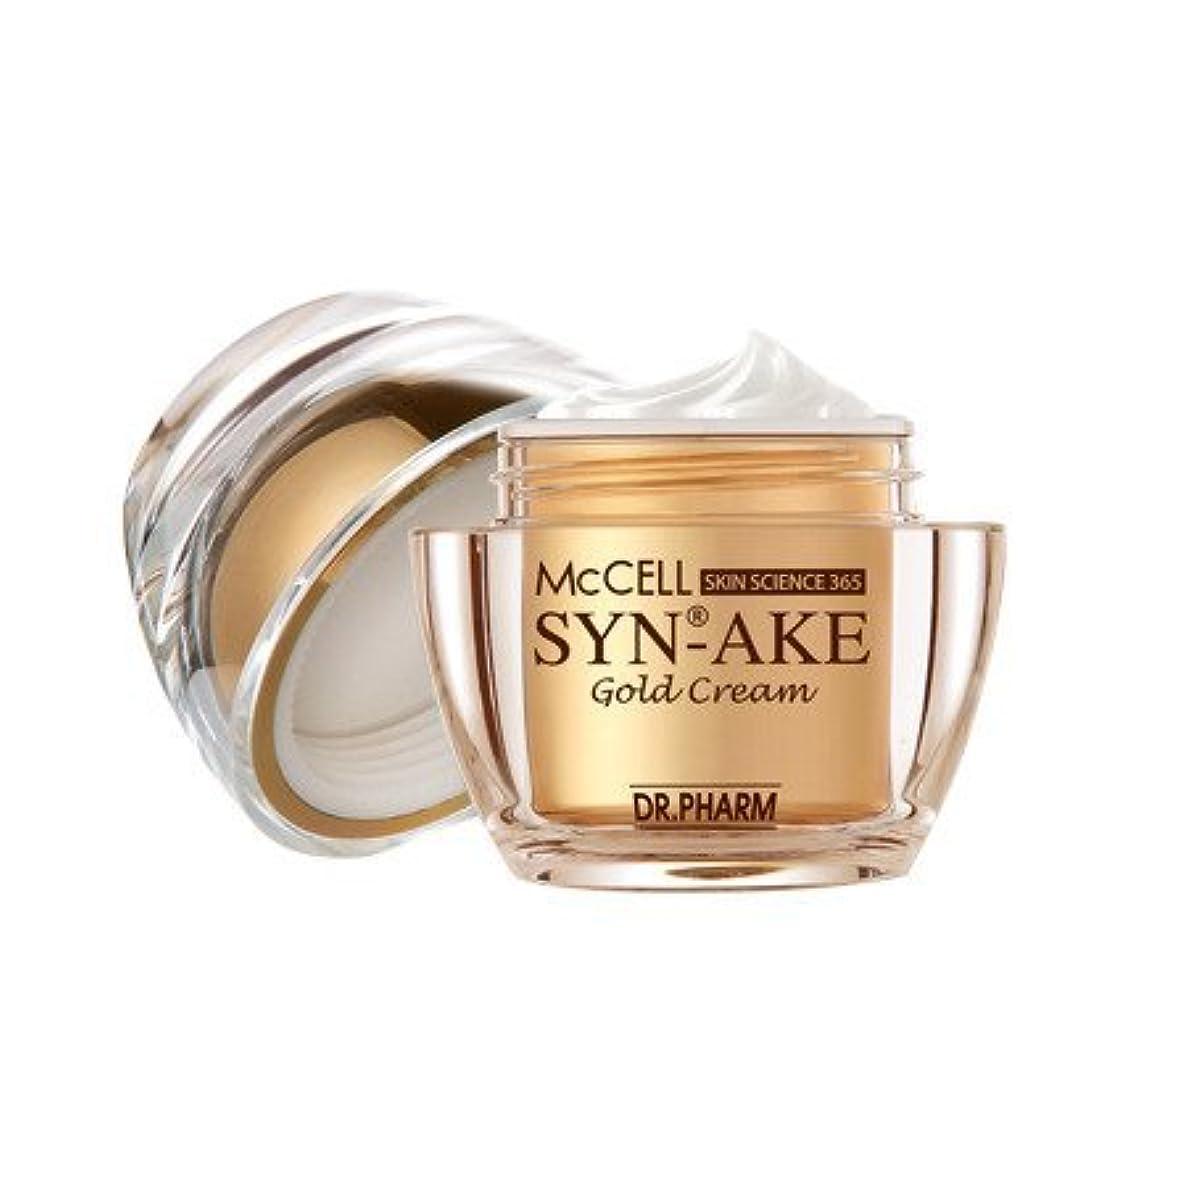 自動入場料爬虫類Dr.Pharm マクセルスキンサイエンス365シネイクゴールドクリーム McCELL Synake gold cream